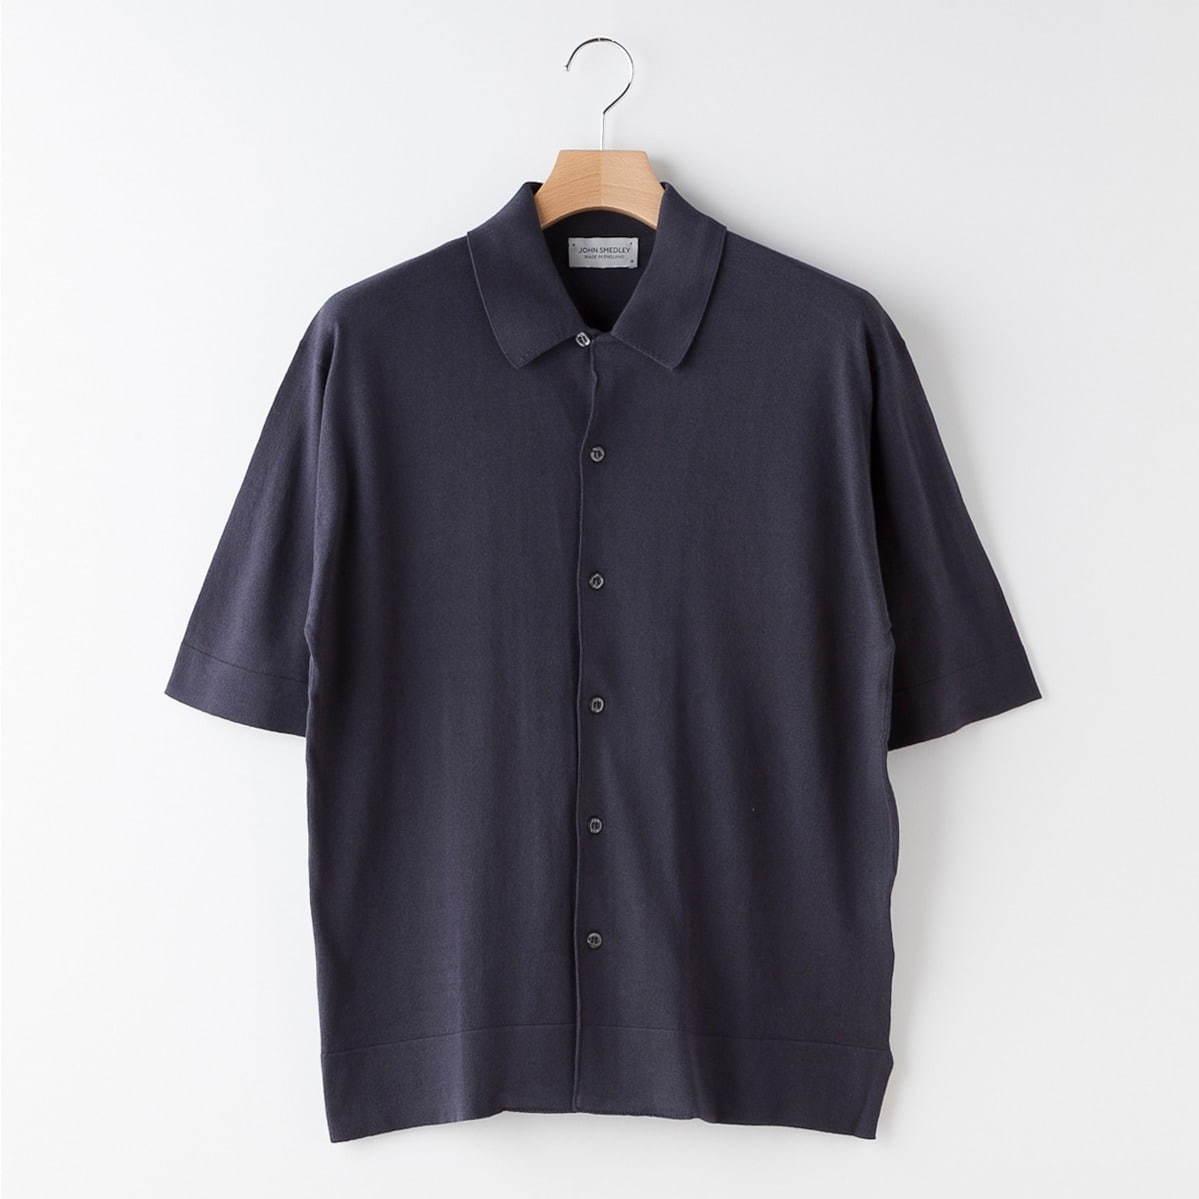 半袖ニットシャツ<メンズ> 36,000円+税